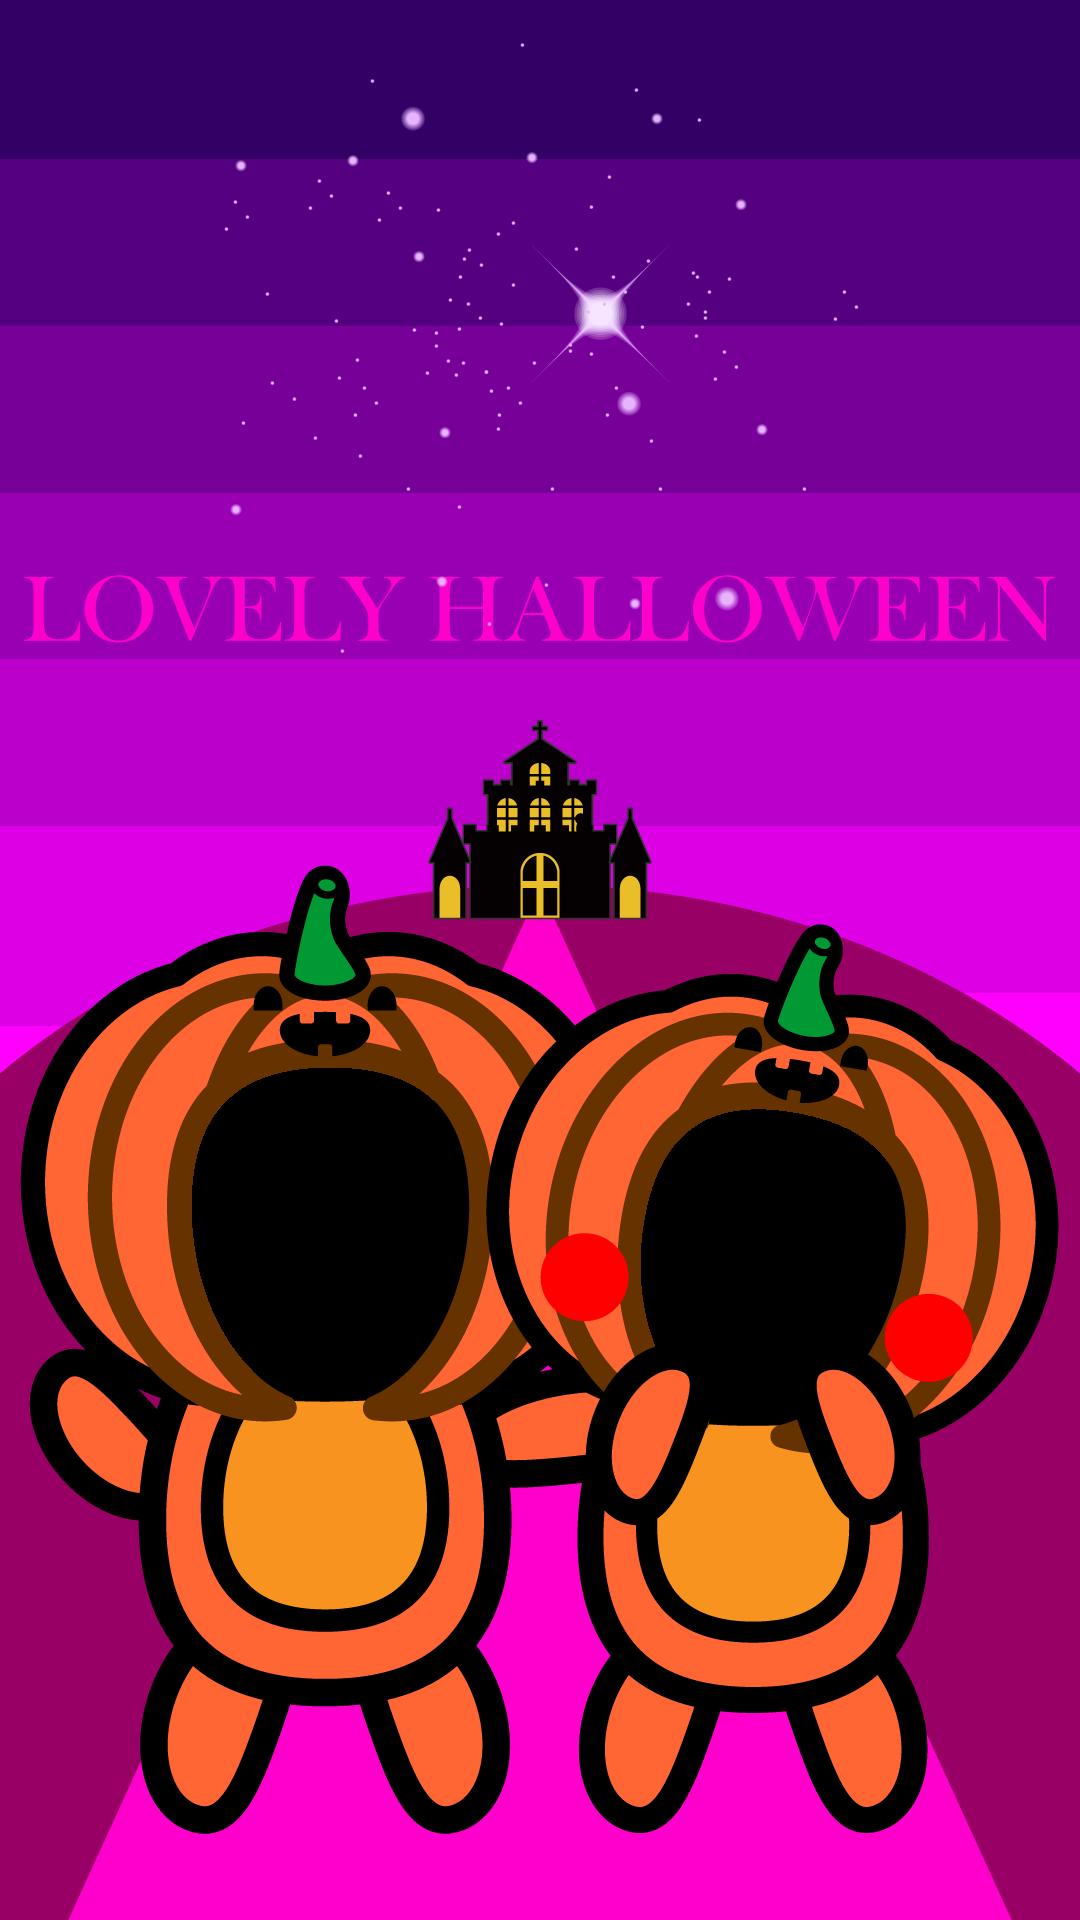 かわいいラブリーハロウィン合成壁紙(iPhone)の無料イラスト・商用フリー